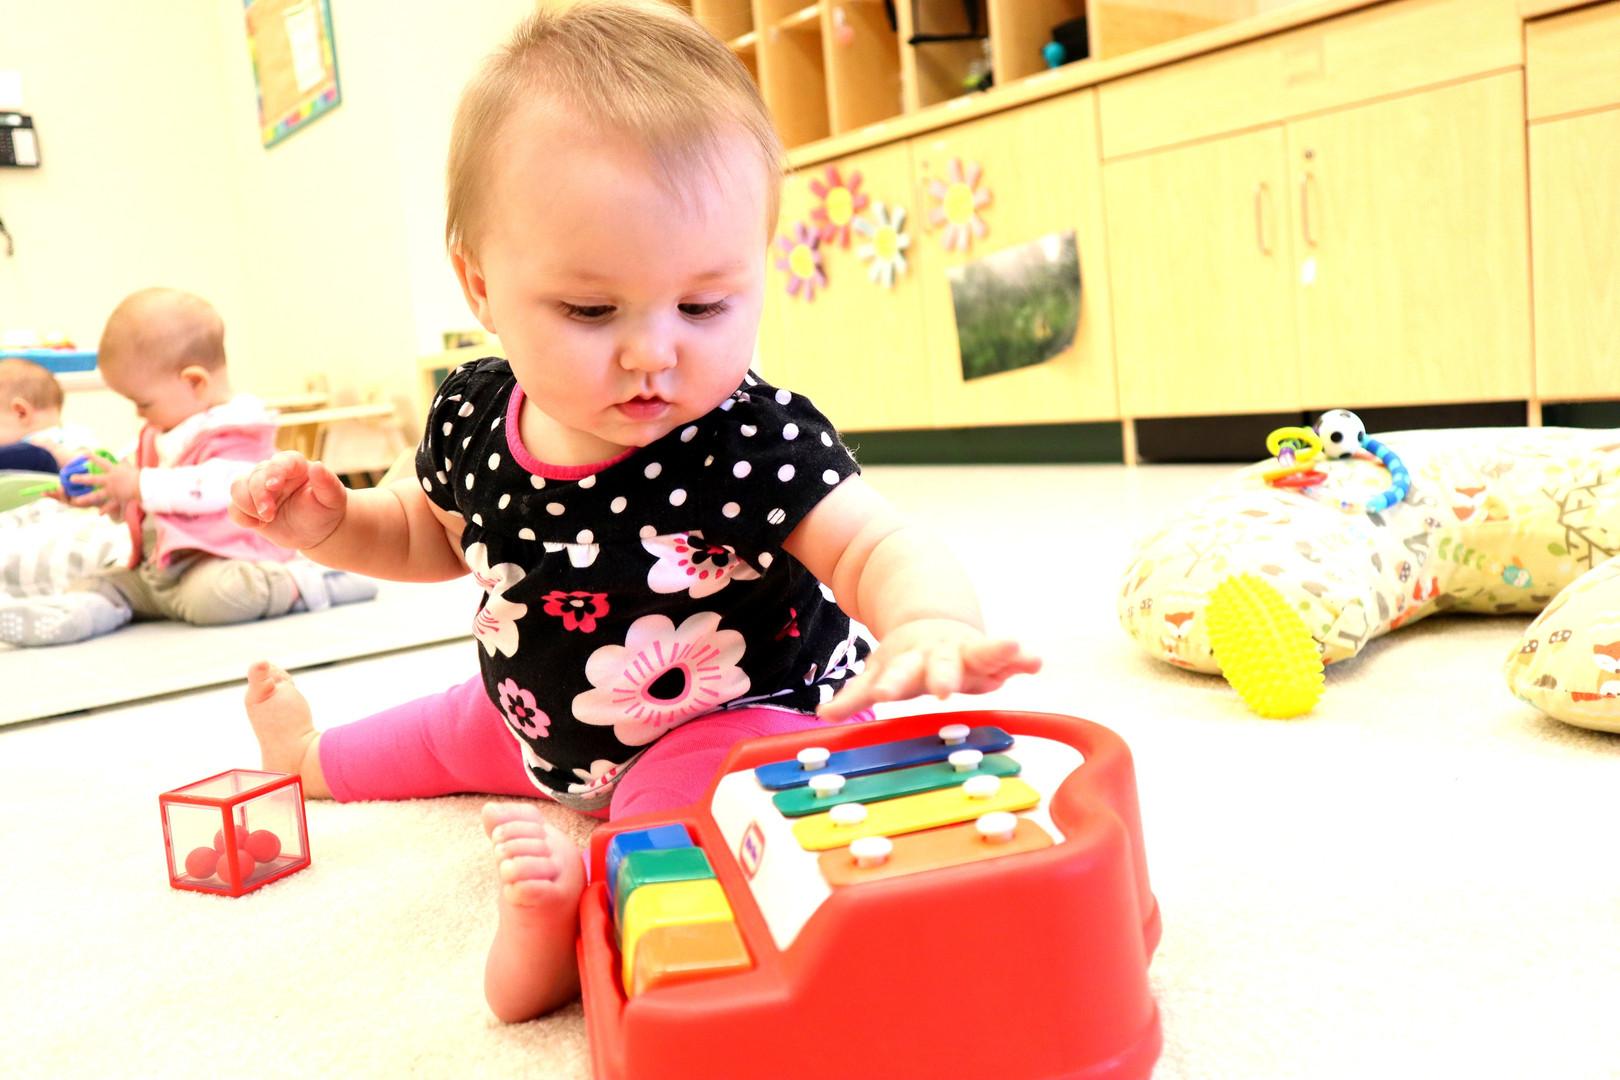 infant1_edited.jpg